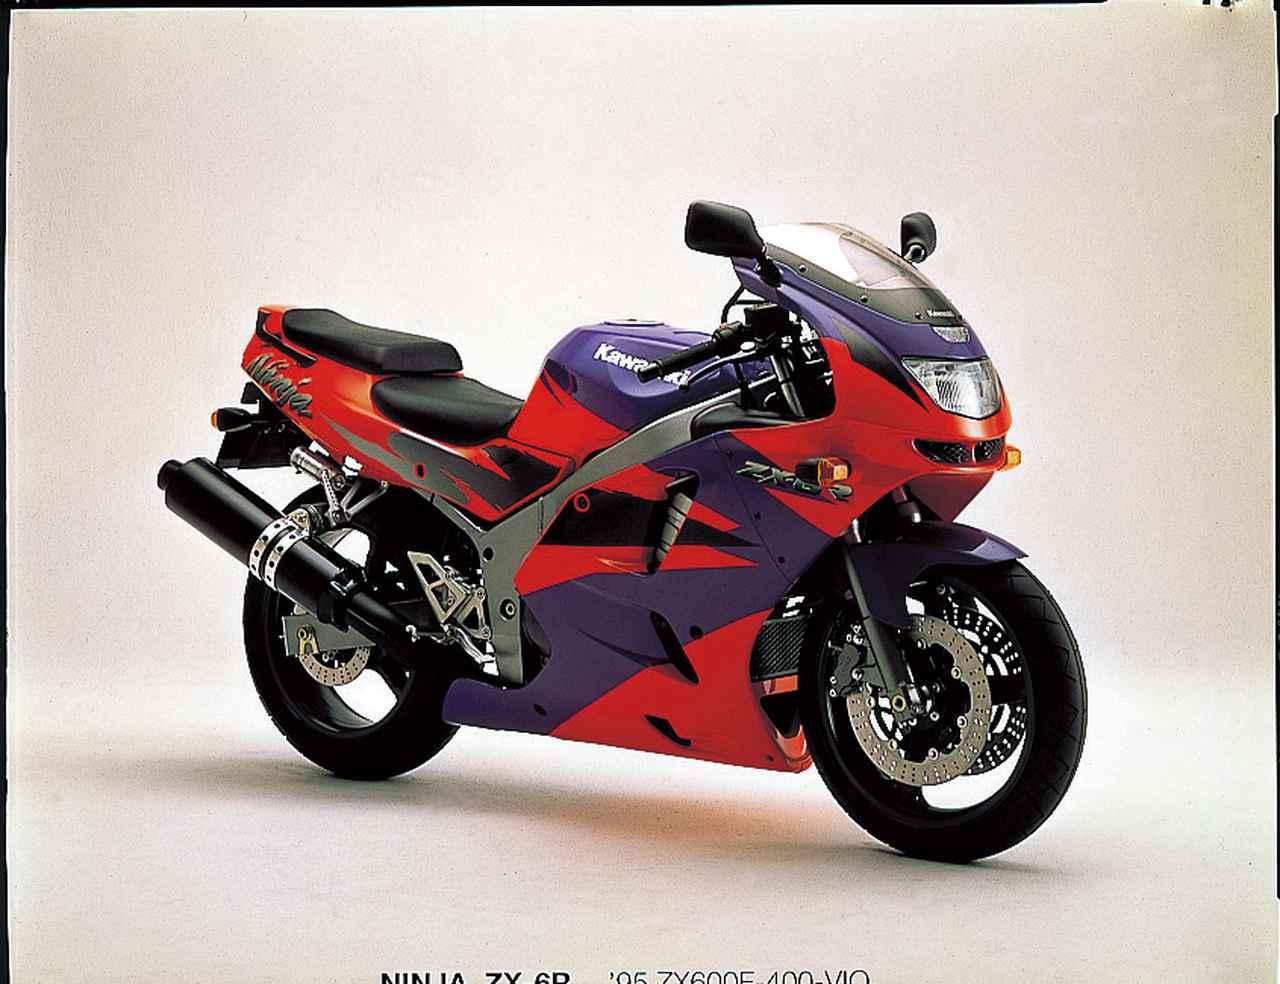 画像: Ninja ZX-6R(1995) 現在まで続くミドルスーパースポーツ・ZX-6Rの初代モデル。ミドルツアラーのZZR600をベースにした水冷直4エンジンは、ツインラムエアを備えて100PSにまでパワーアップされた強力なもの。 ●水冷4ストDOHC4バルブ並列4気筒 ●599㏄●100PS/12500rpm ●6.5㎏-m/10000rpm●182㎏ ●120/60R17・160/60R17●輸出車